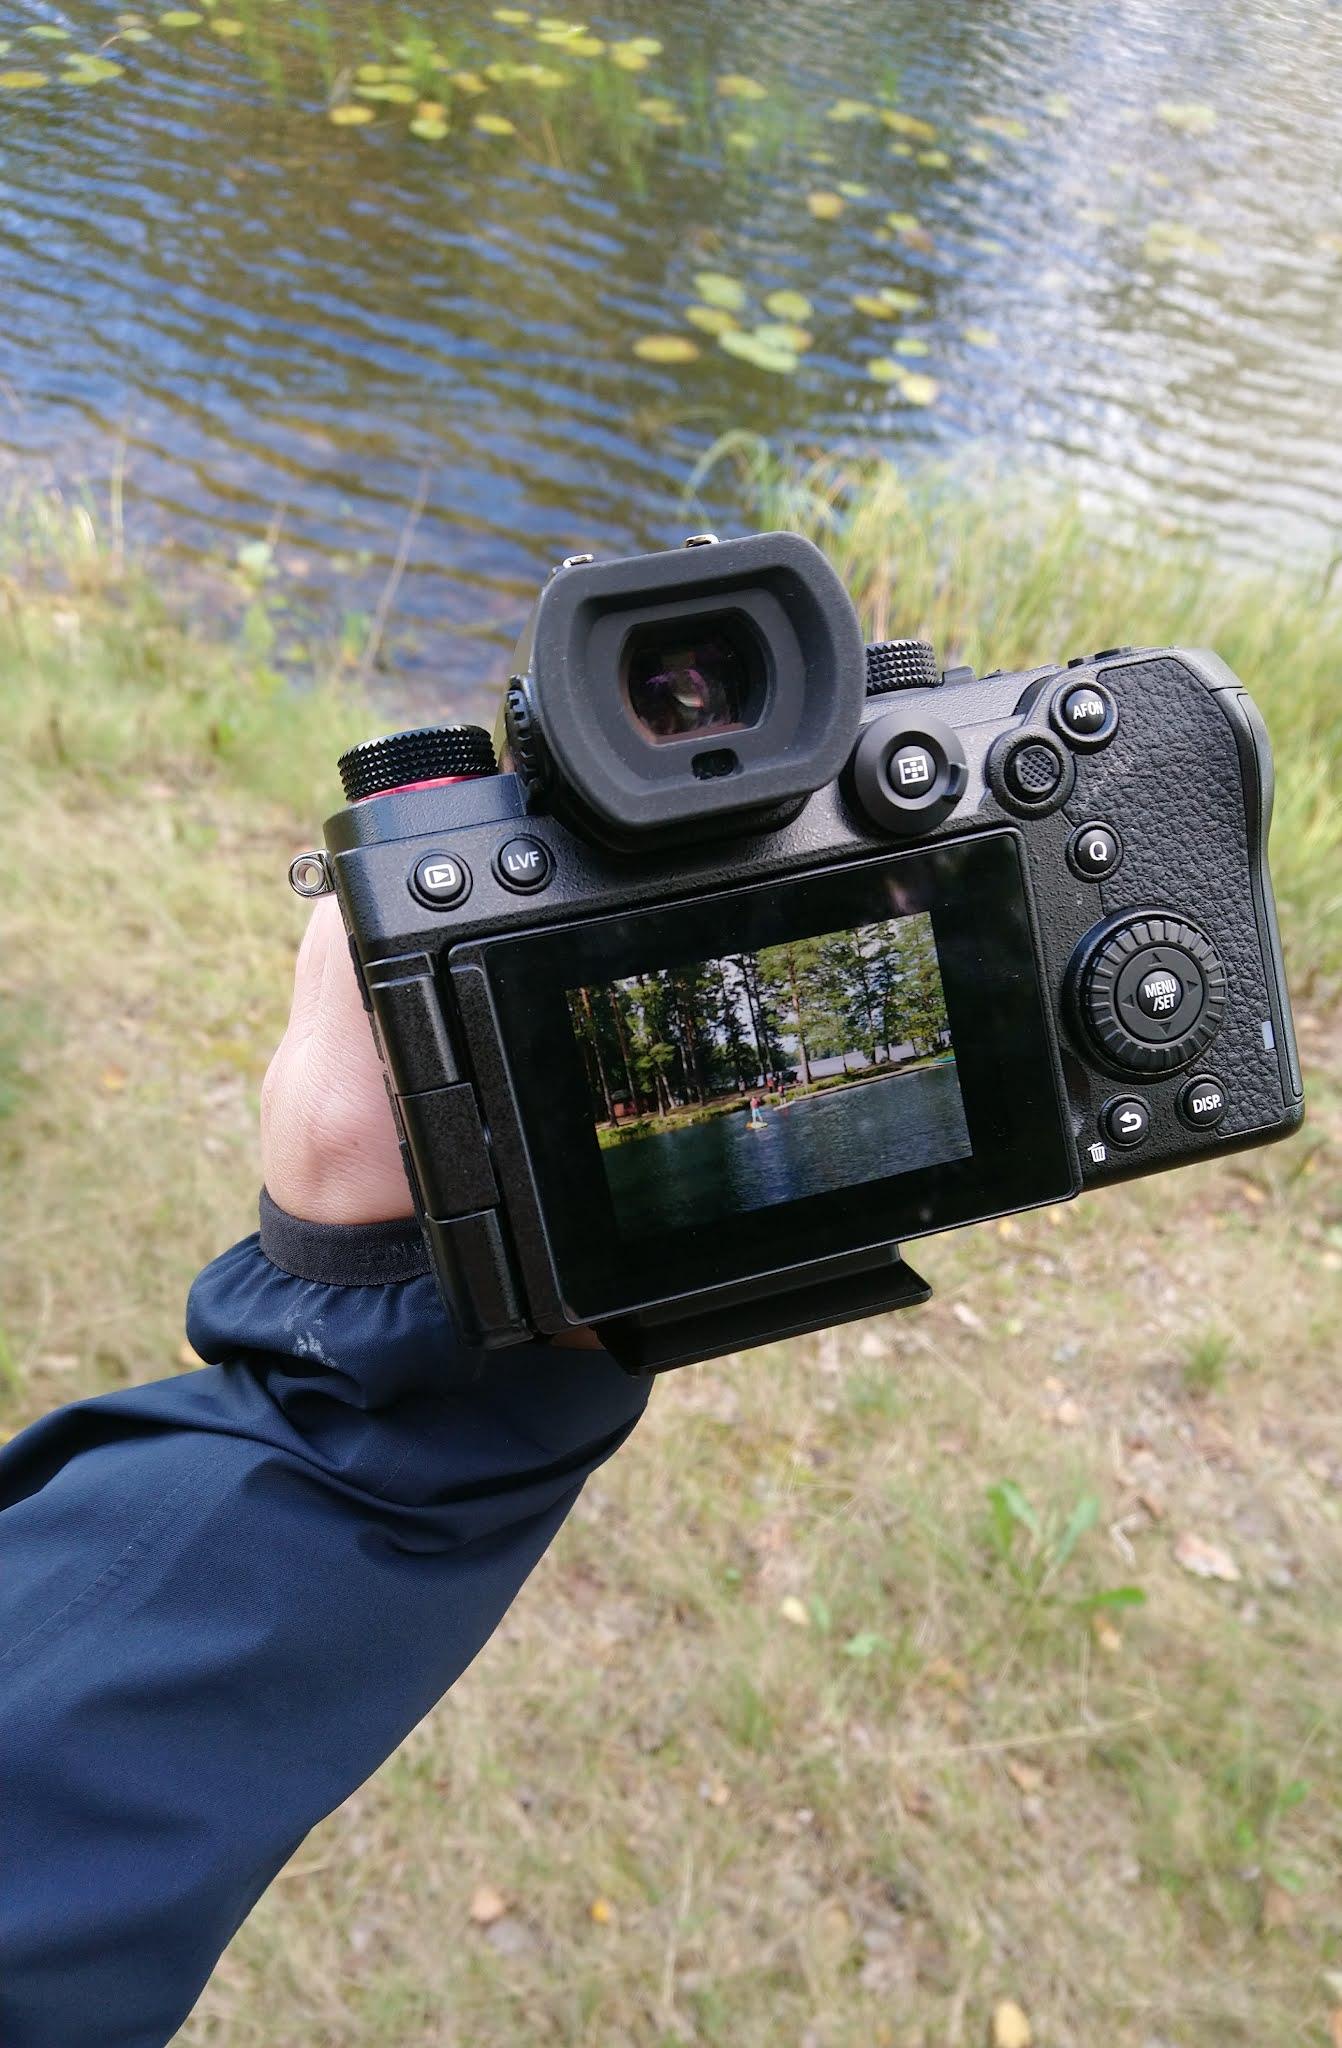 Kuvassa käsi pitää kameraa, jolla on valokuvattu